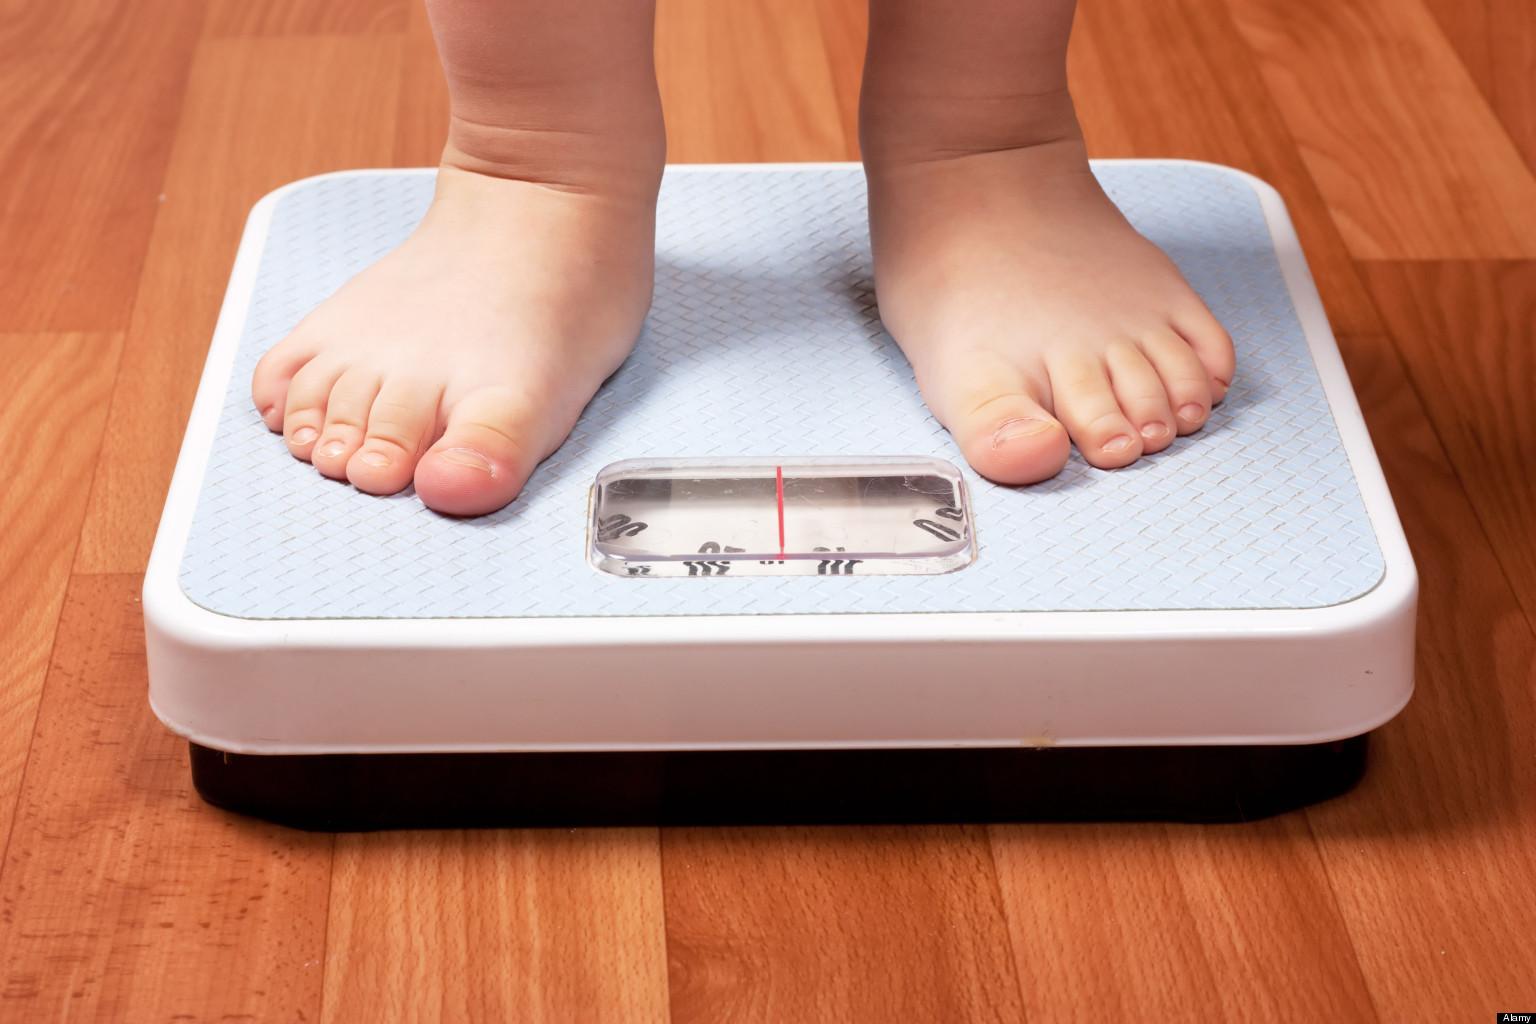 Si stima che 1 milione di casi di asma in età pediatrica siano direttamente riconducibili all'obesità.